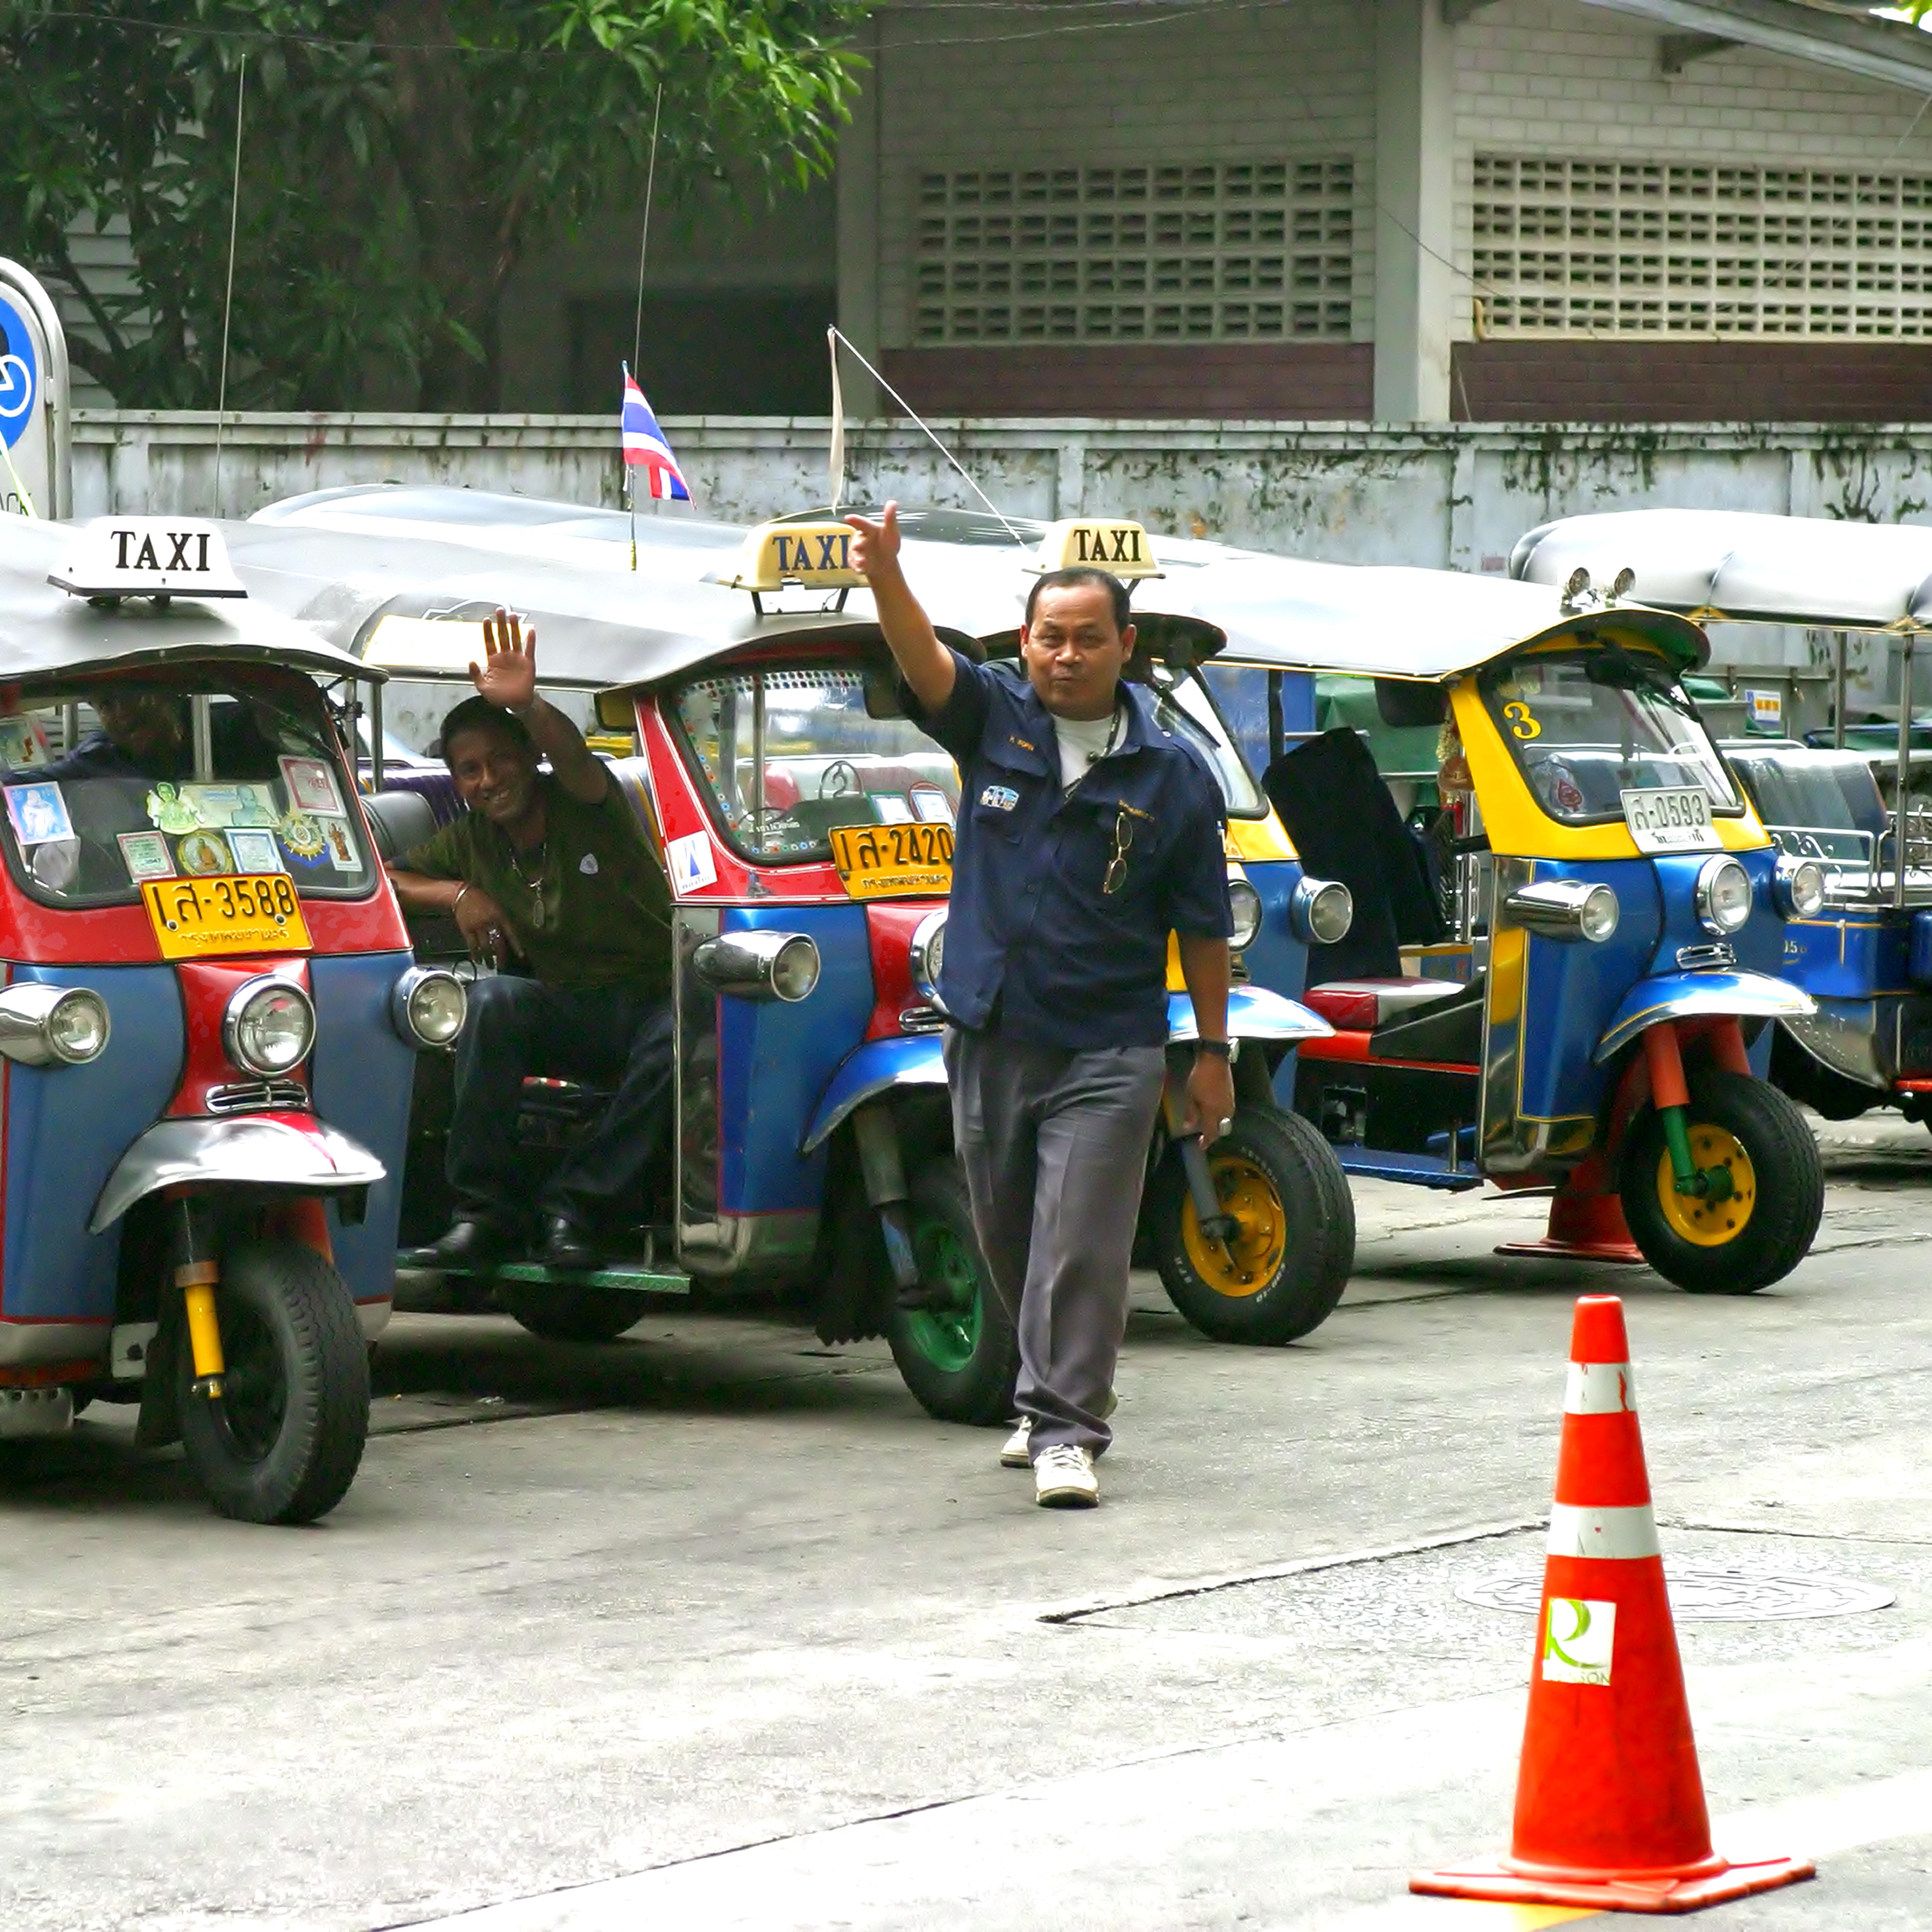 Taxi Hi